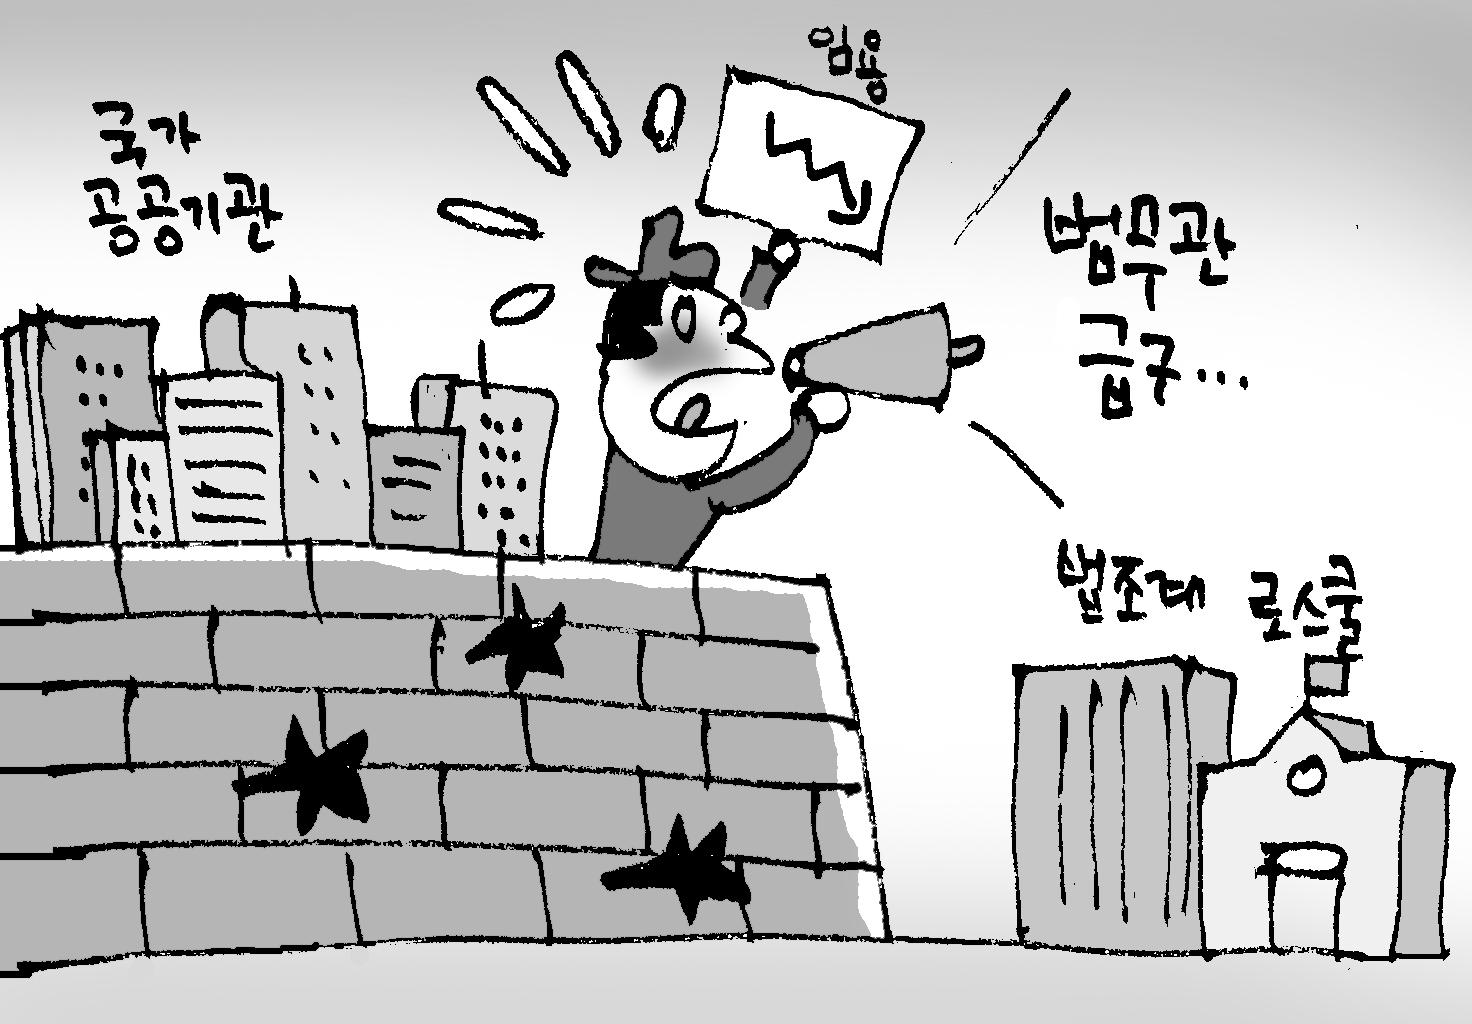 군법무관·공익법무관 인력수급 '적색경보'